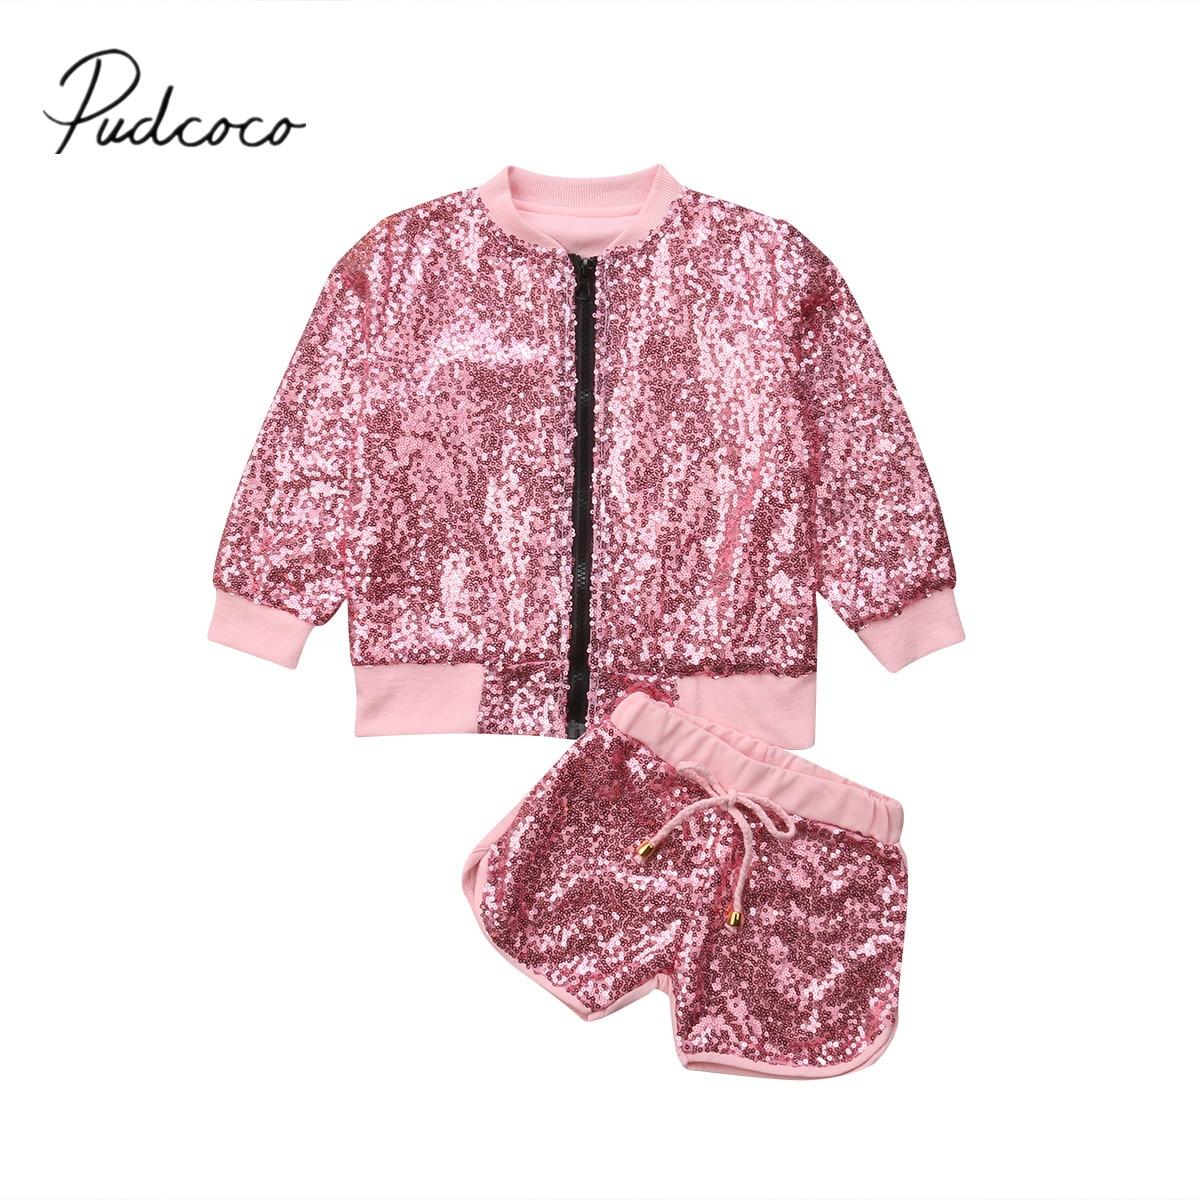 Shorts Pudcoco Marke Neue 2 Pcs Neugeborenen Kinder Baby Mädchen Bogen-knoten Party Shorts Bottoms Pailletten Hosen Sommer Mädchen Kleidung